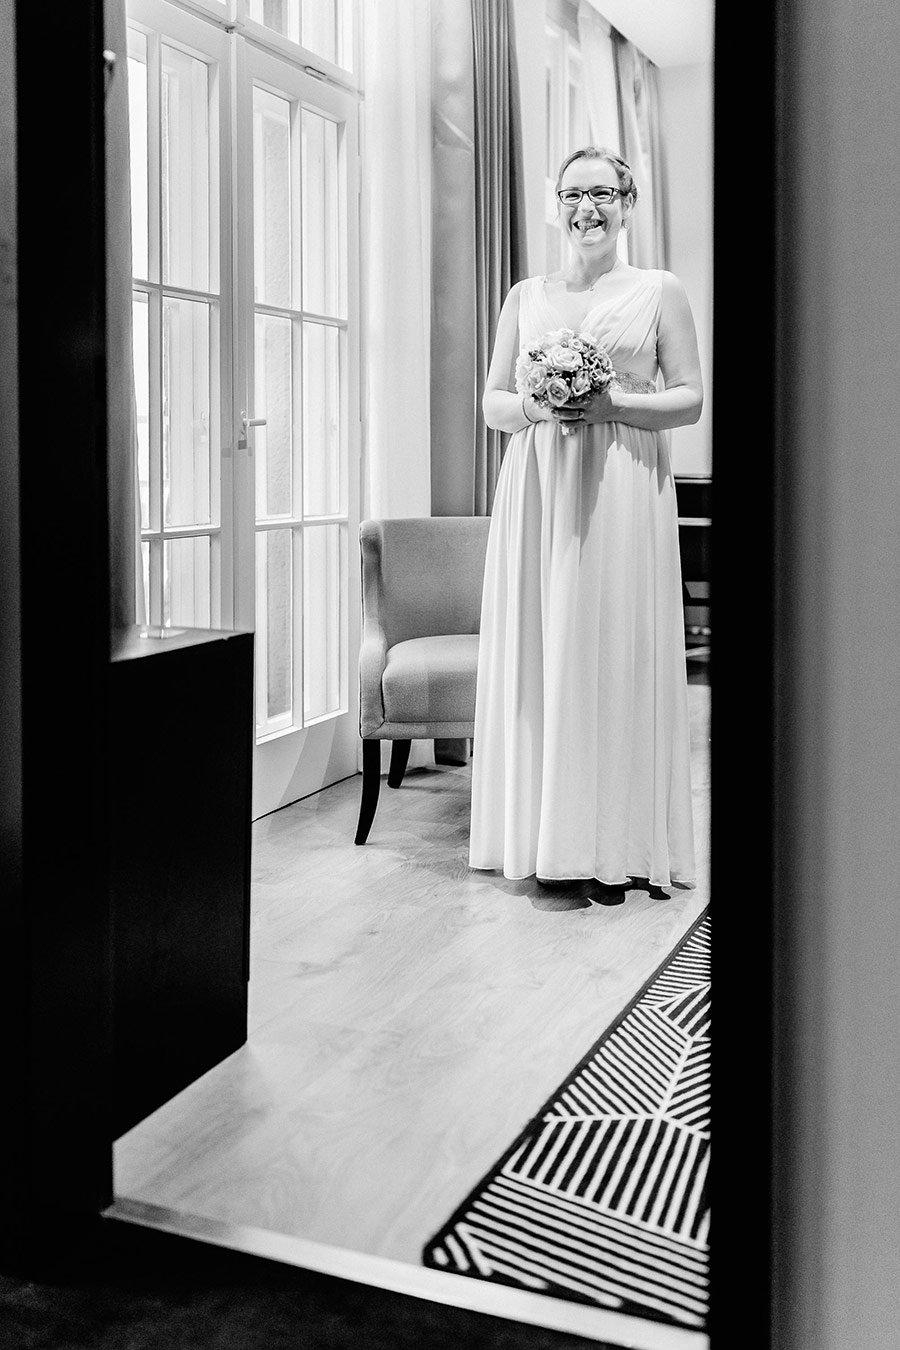 Heiraten-im-Dresdner-Zwinger-So-schoen-kann-dort-eine-Hochzeit-sein-10